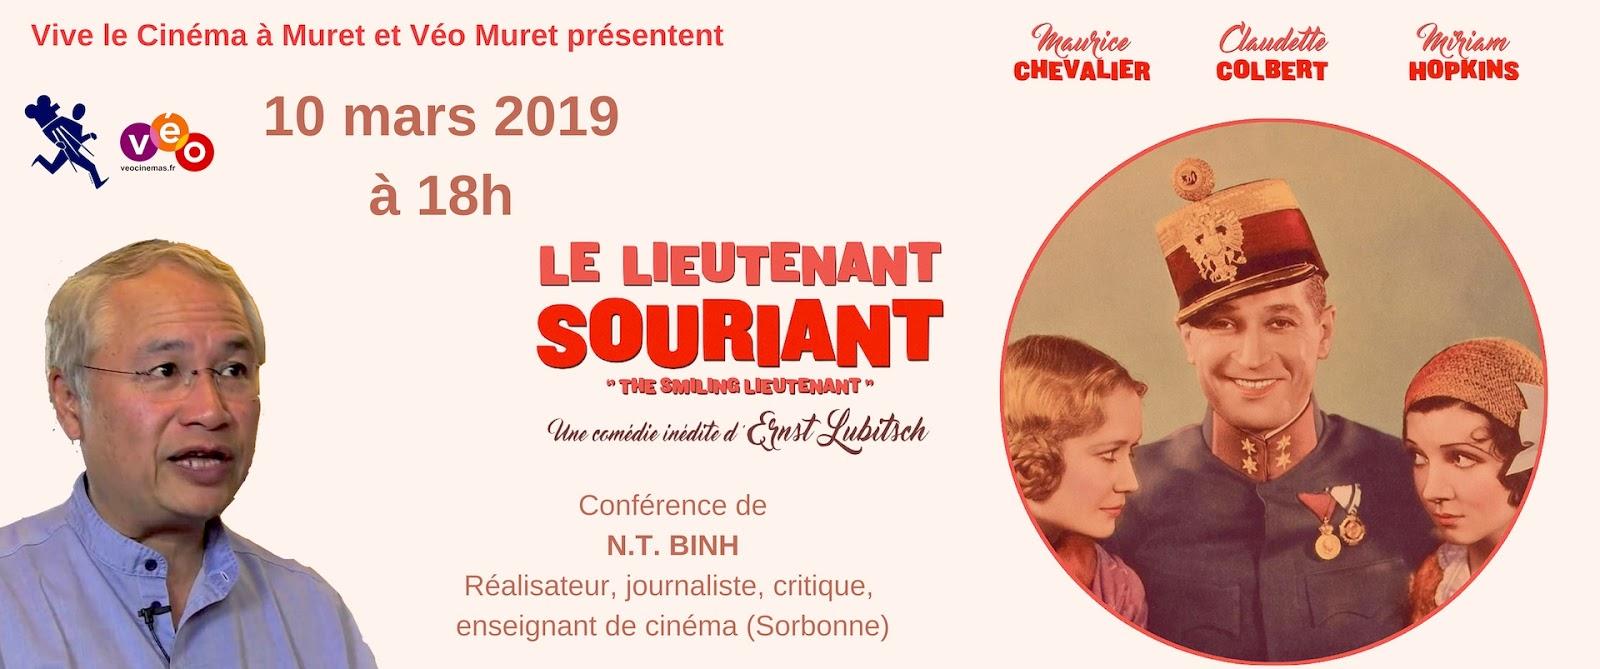 Ciné classique Conférence de N.T. BINH